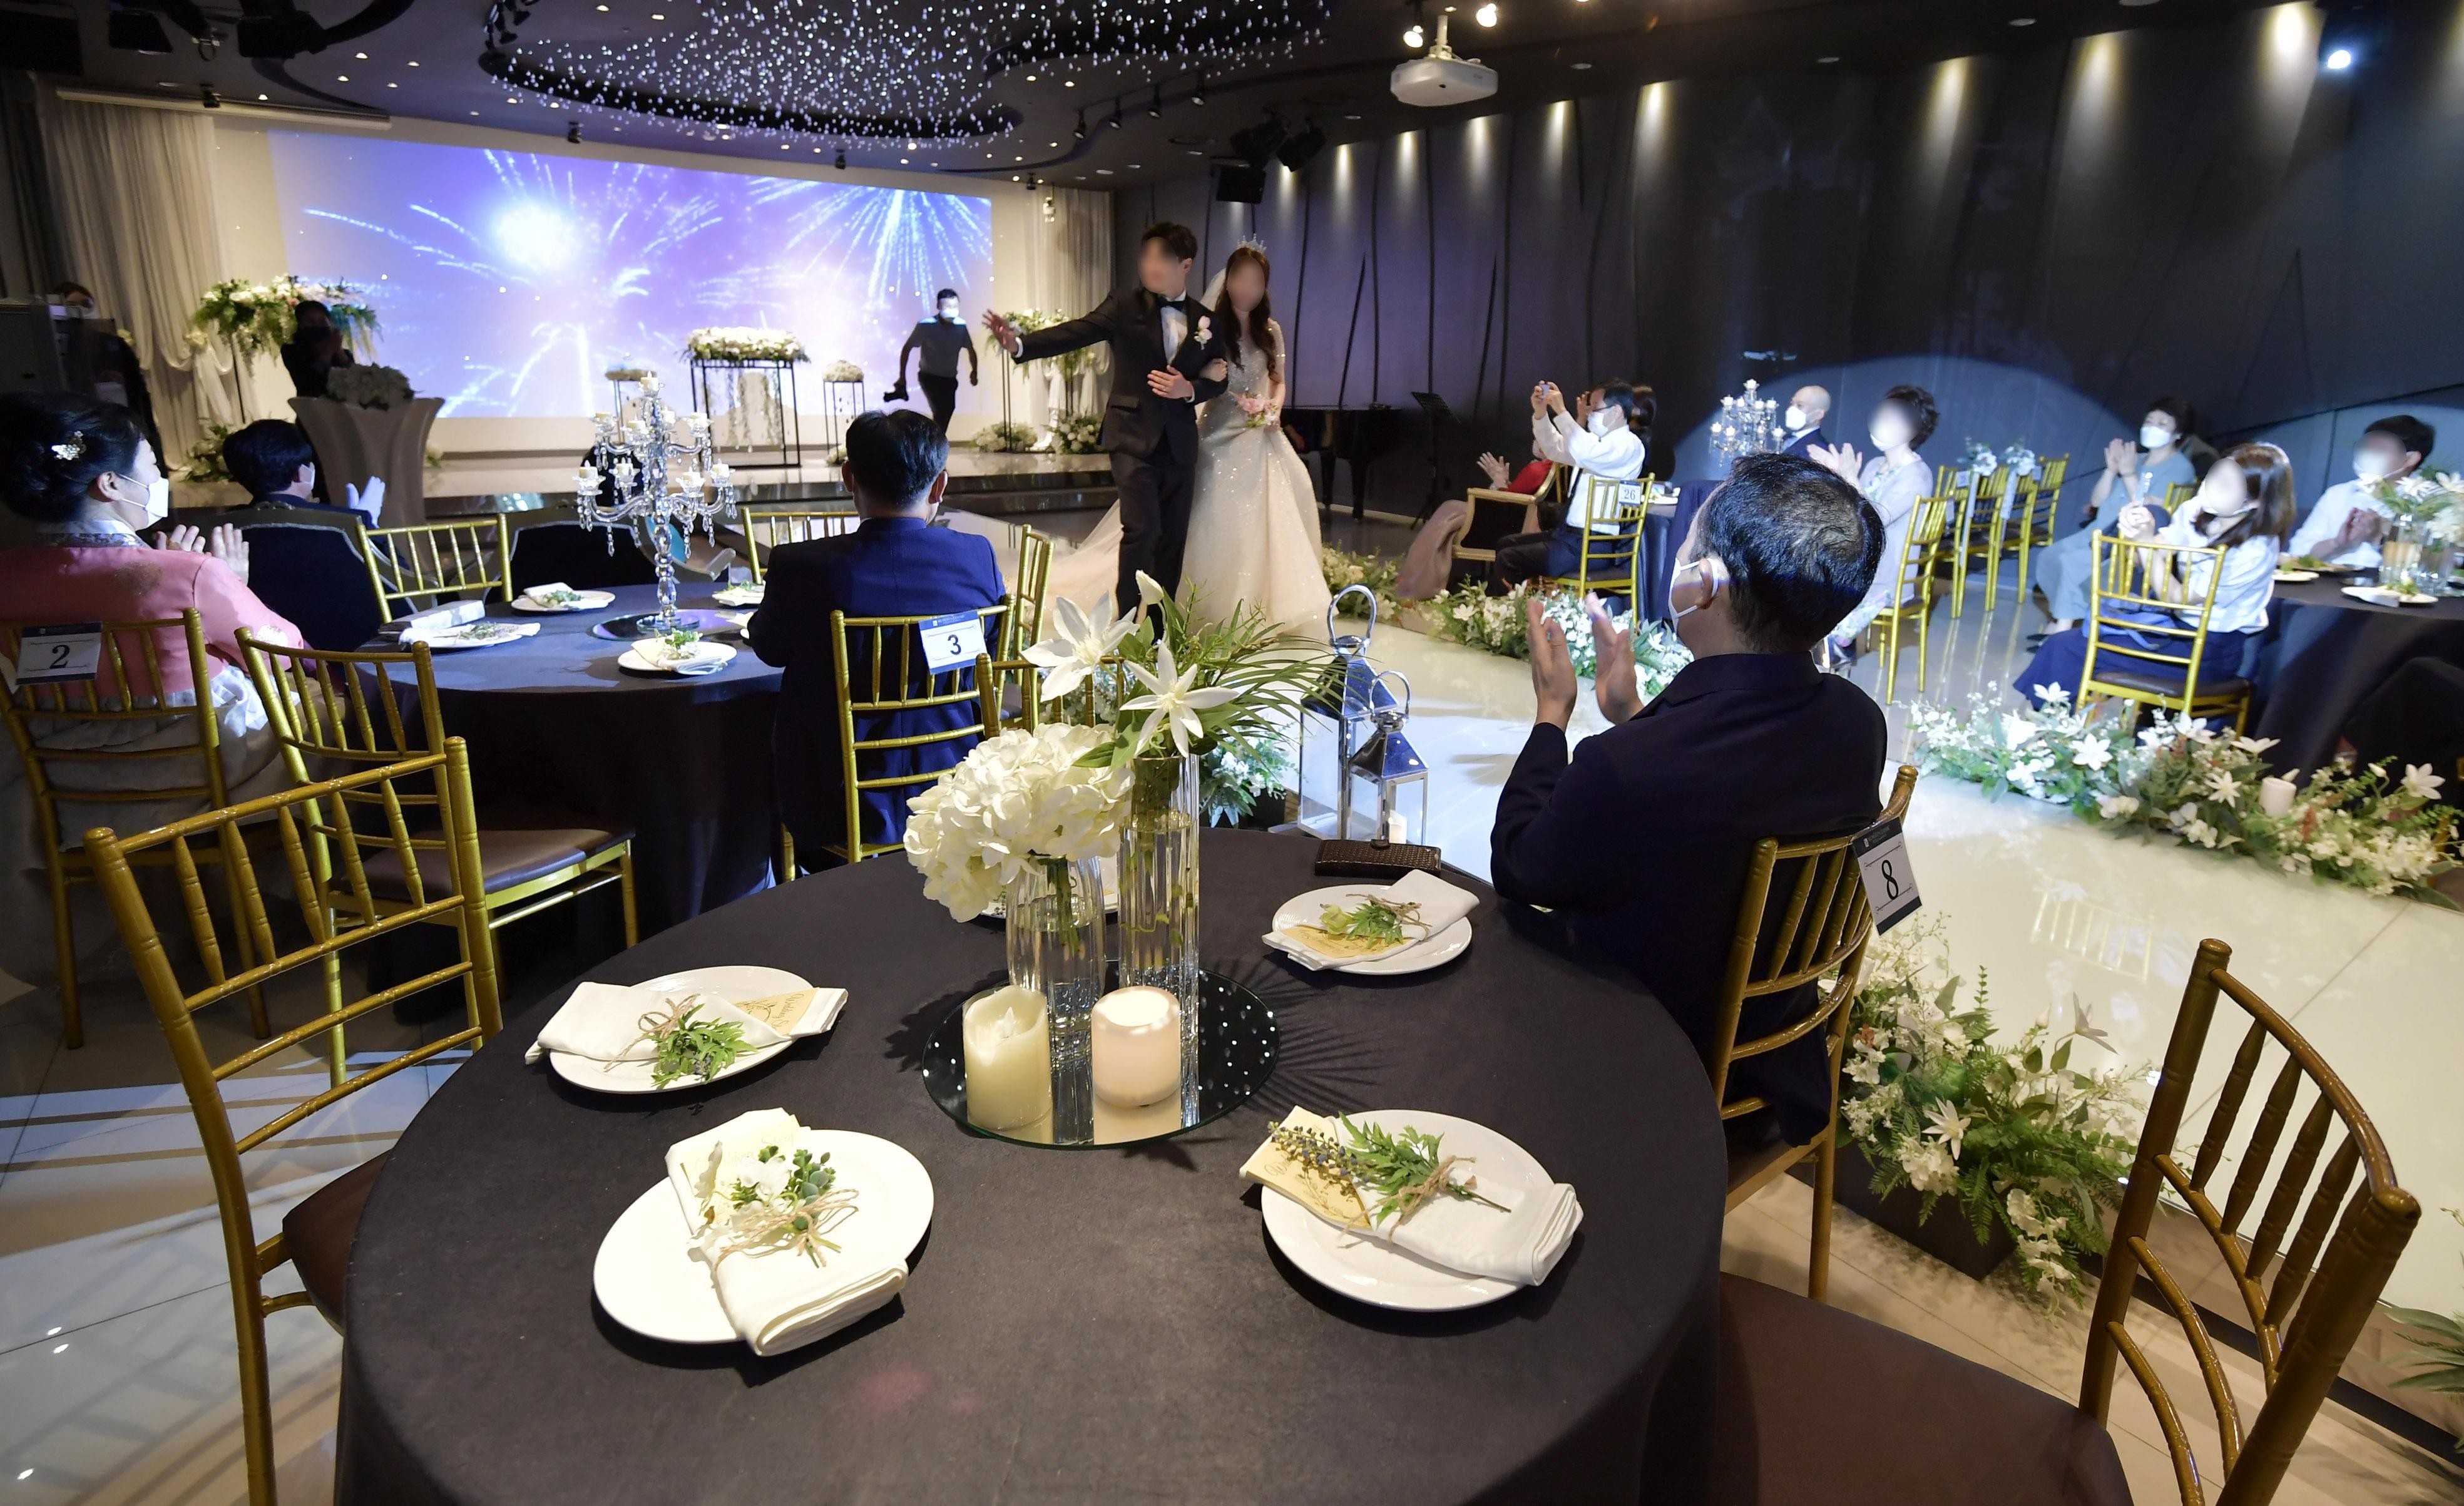 발열 체크, 예식은 스크린 중계… 코로나가 바꿔놓은 결혼식장 풍경